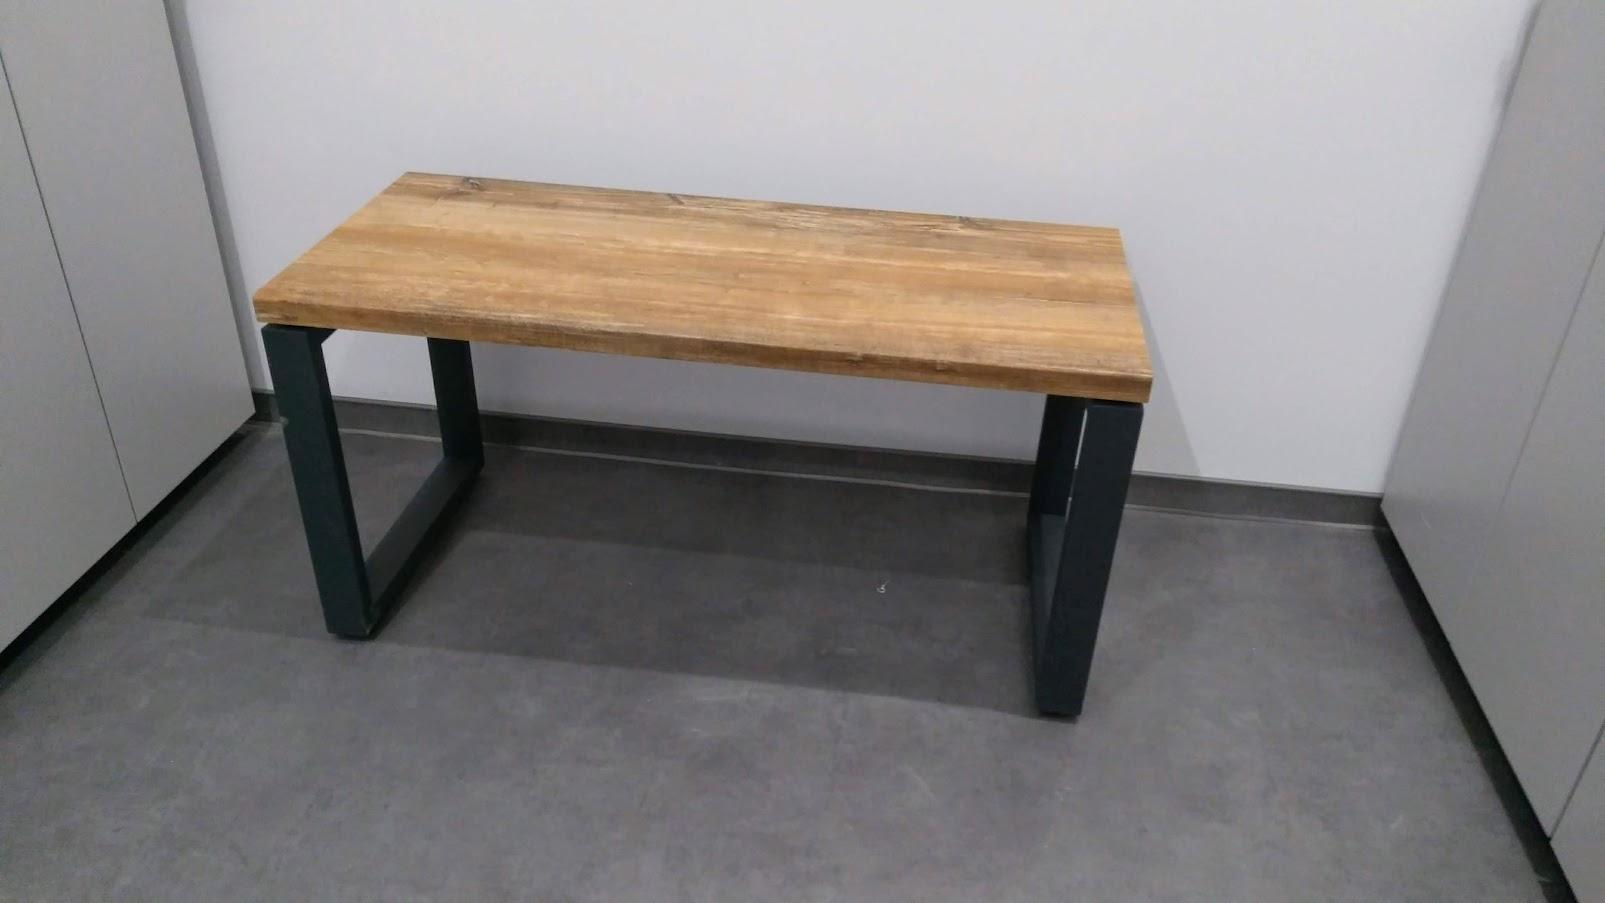 Лавочка с hpl-поверхностью - Модульная офисная мебель, Металлические каркасы столов, Мебельные опоры ✆ 0679245444